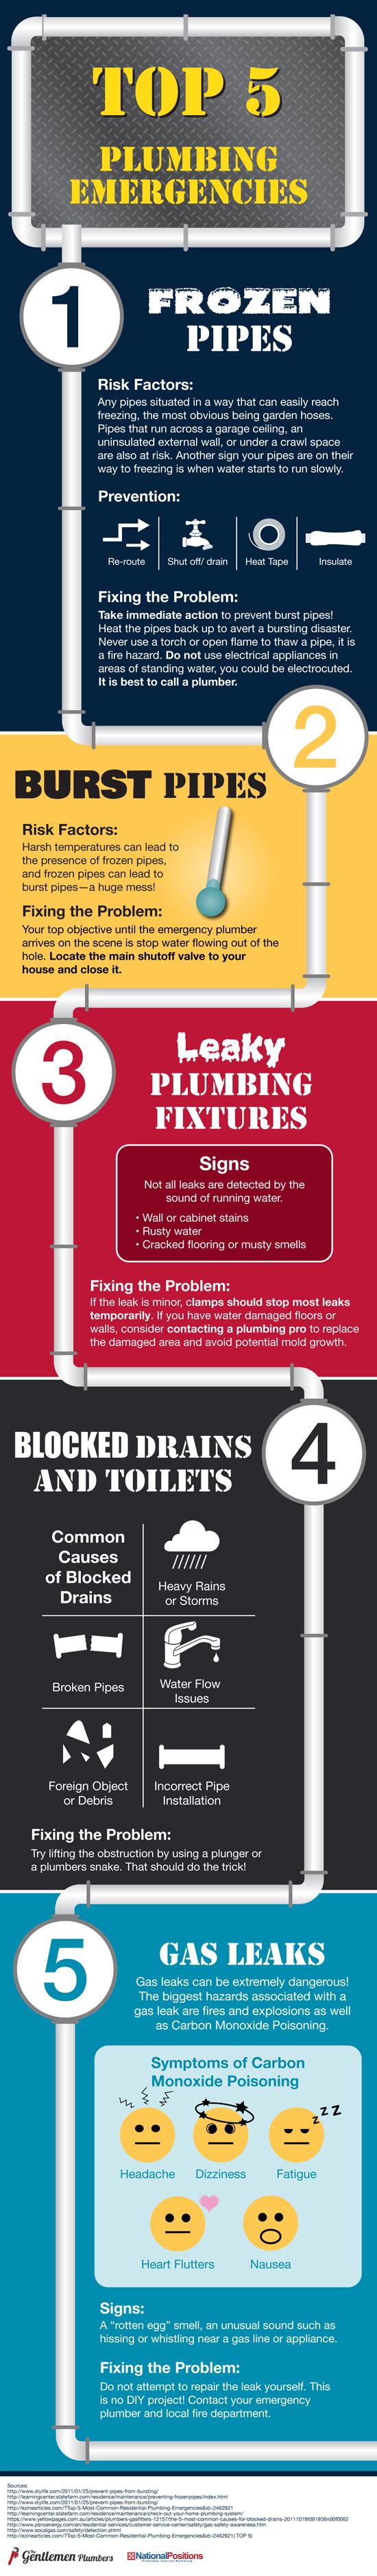 Infographic showing the top 5 plumbing emergencies